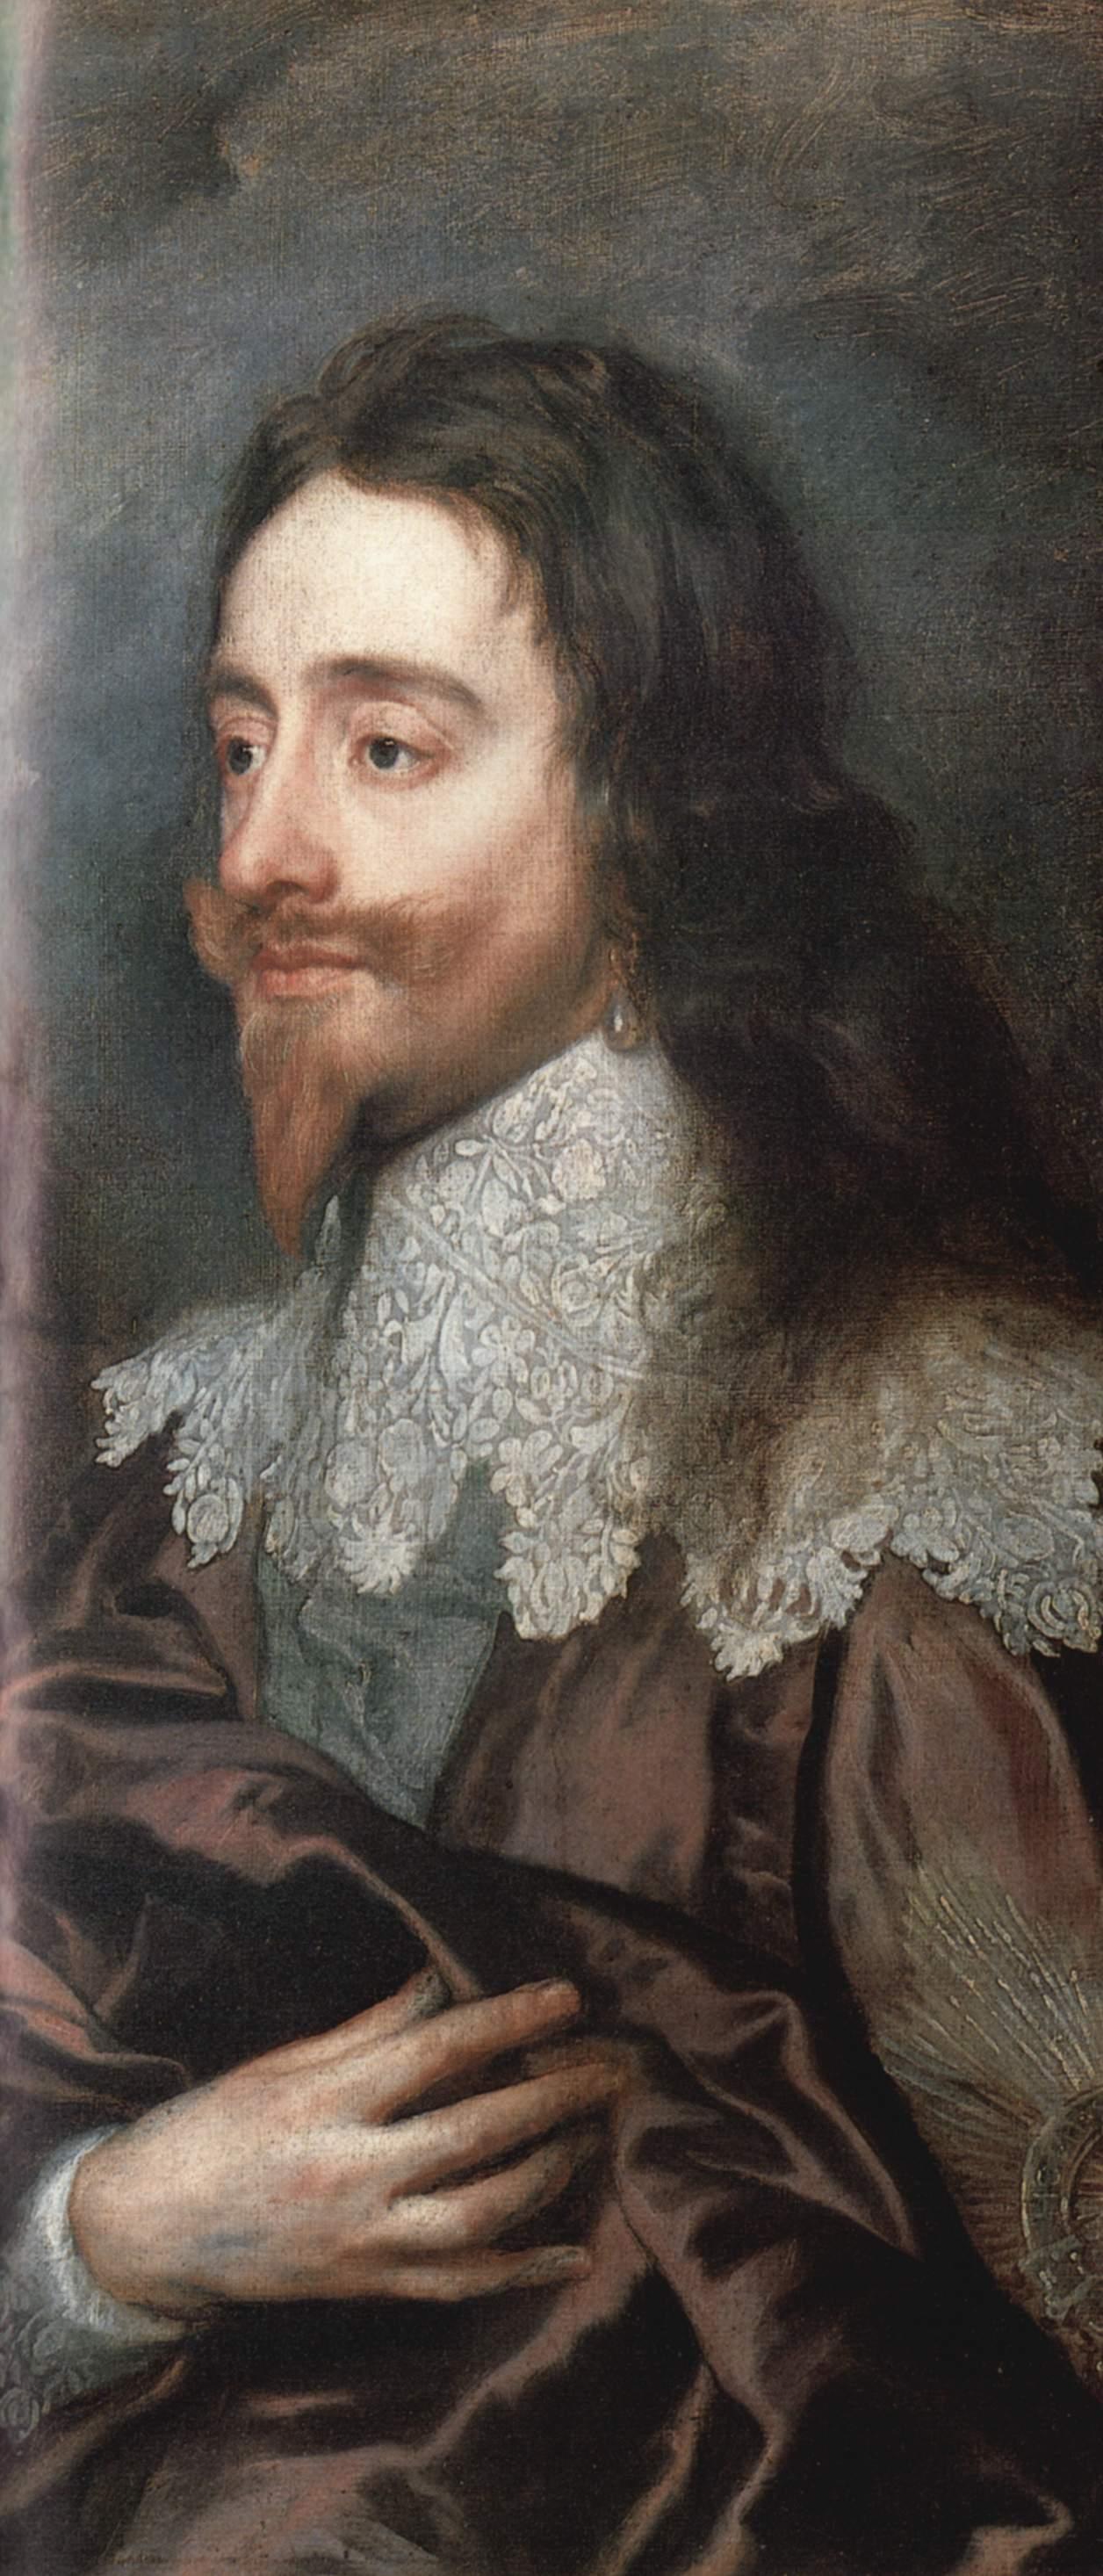 Портрет Карла Первого, короля Англии. Деталь, Антонис ван Дейк